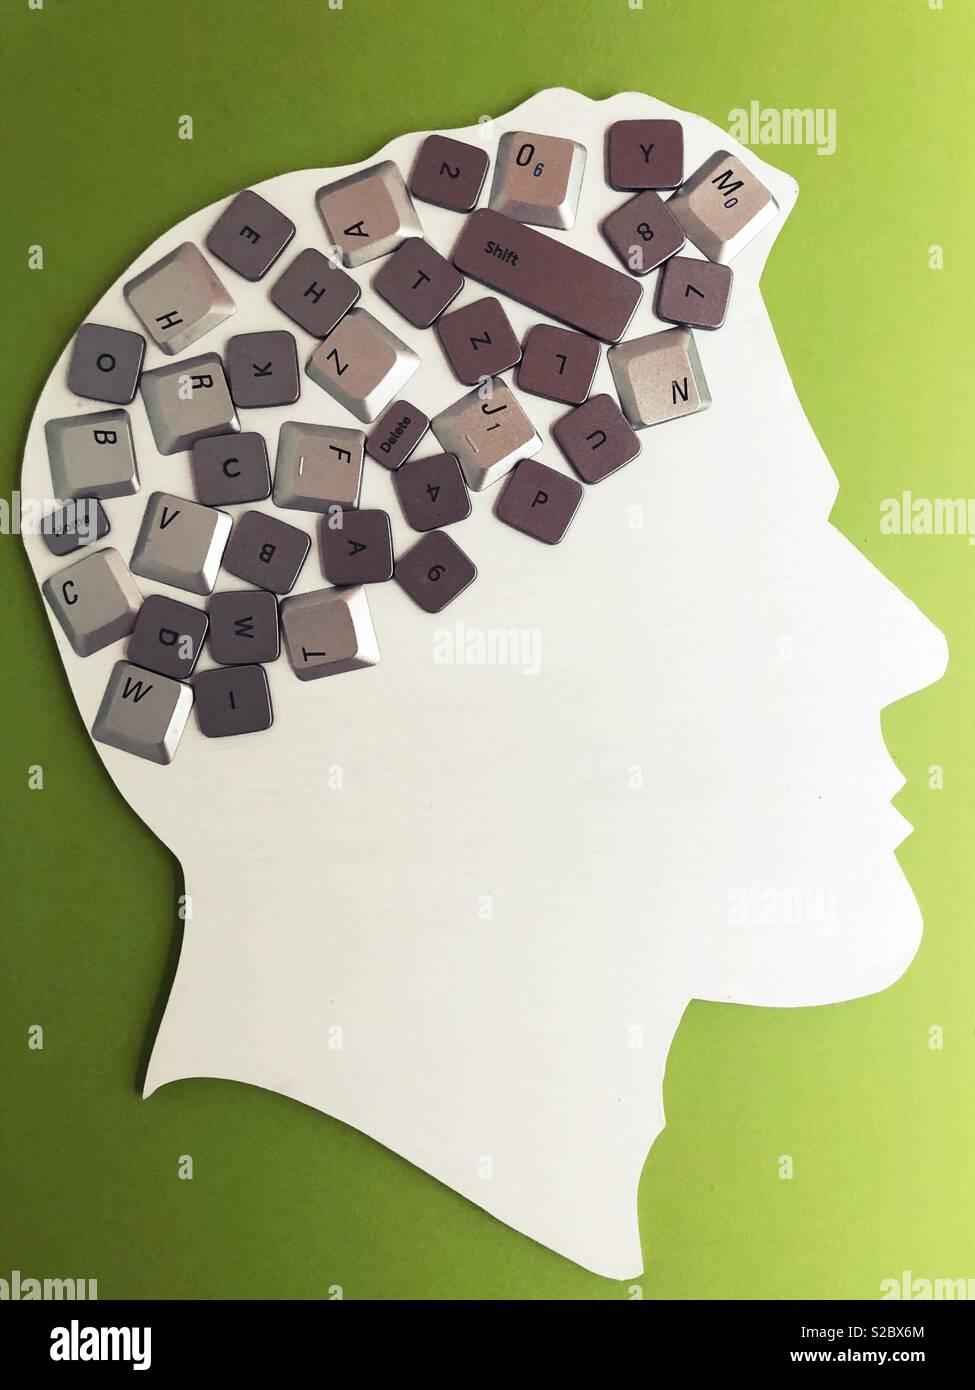 Konzeptionelle: Gehirn/Computer/Sprache Stockbild